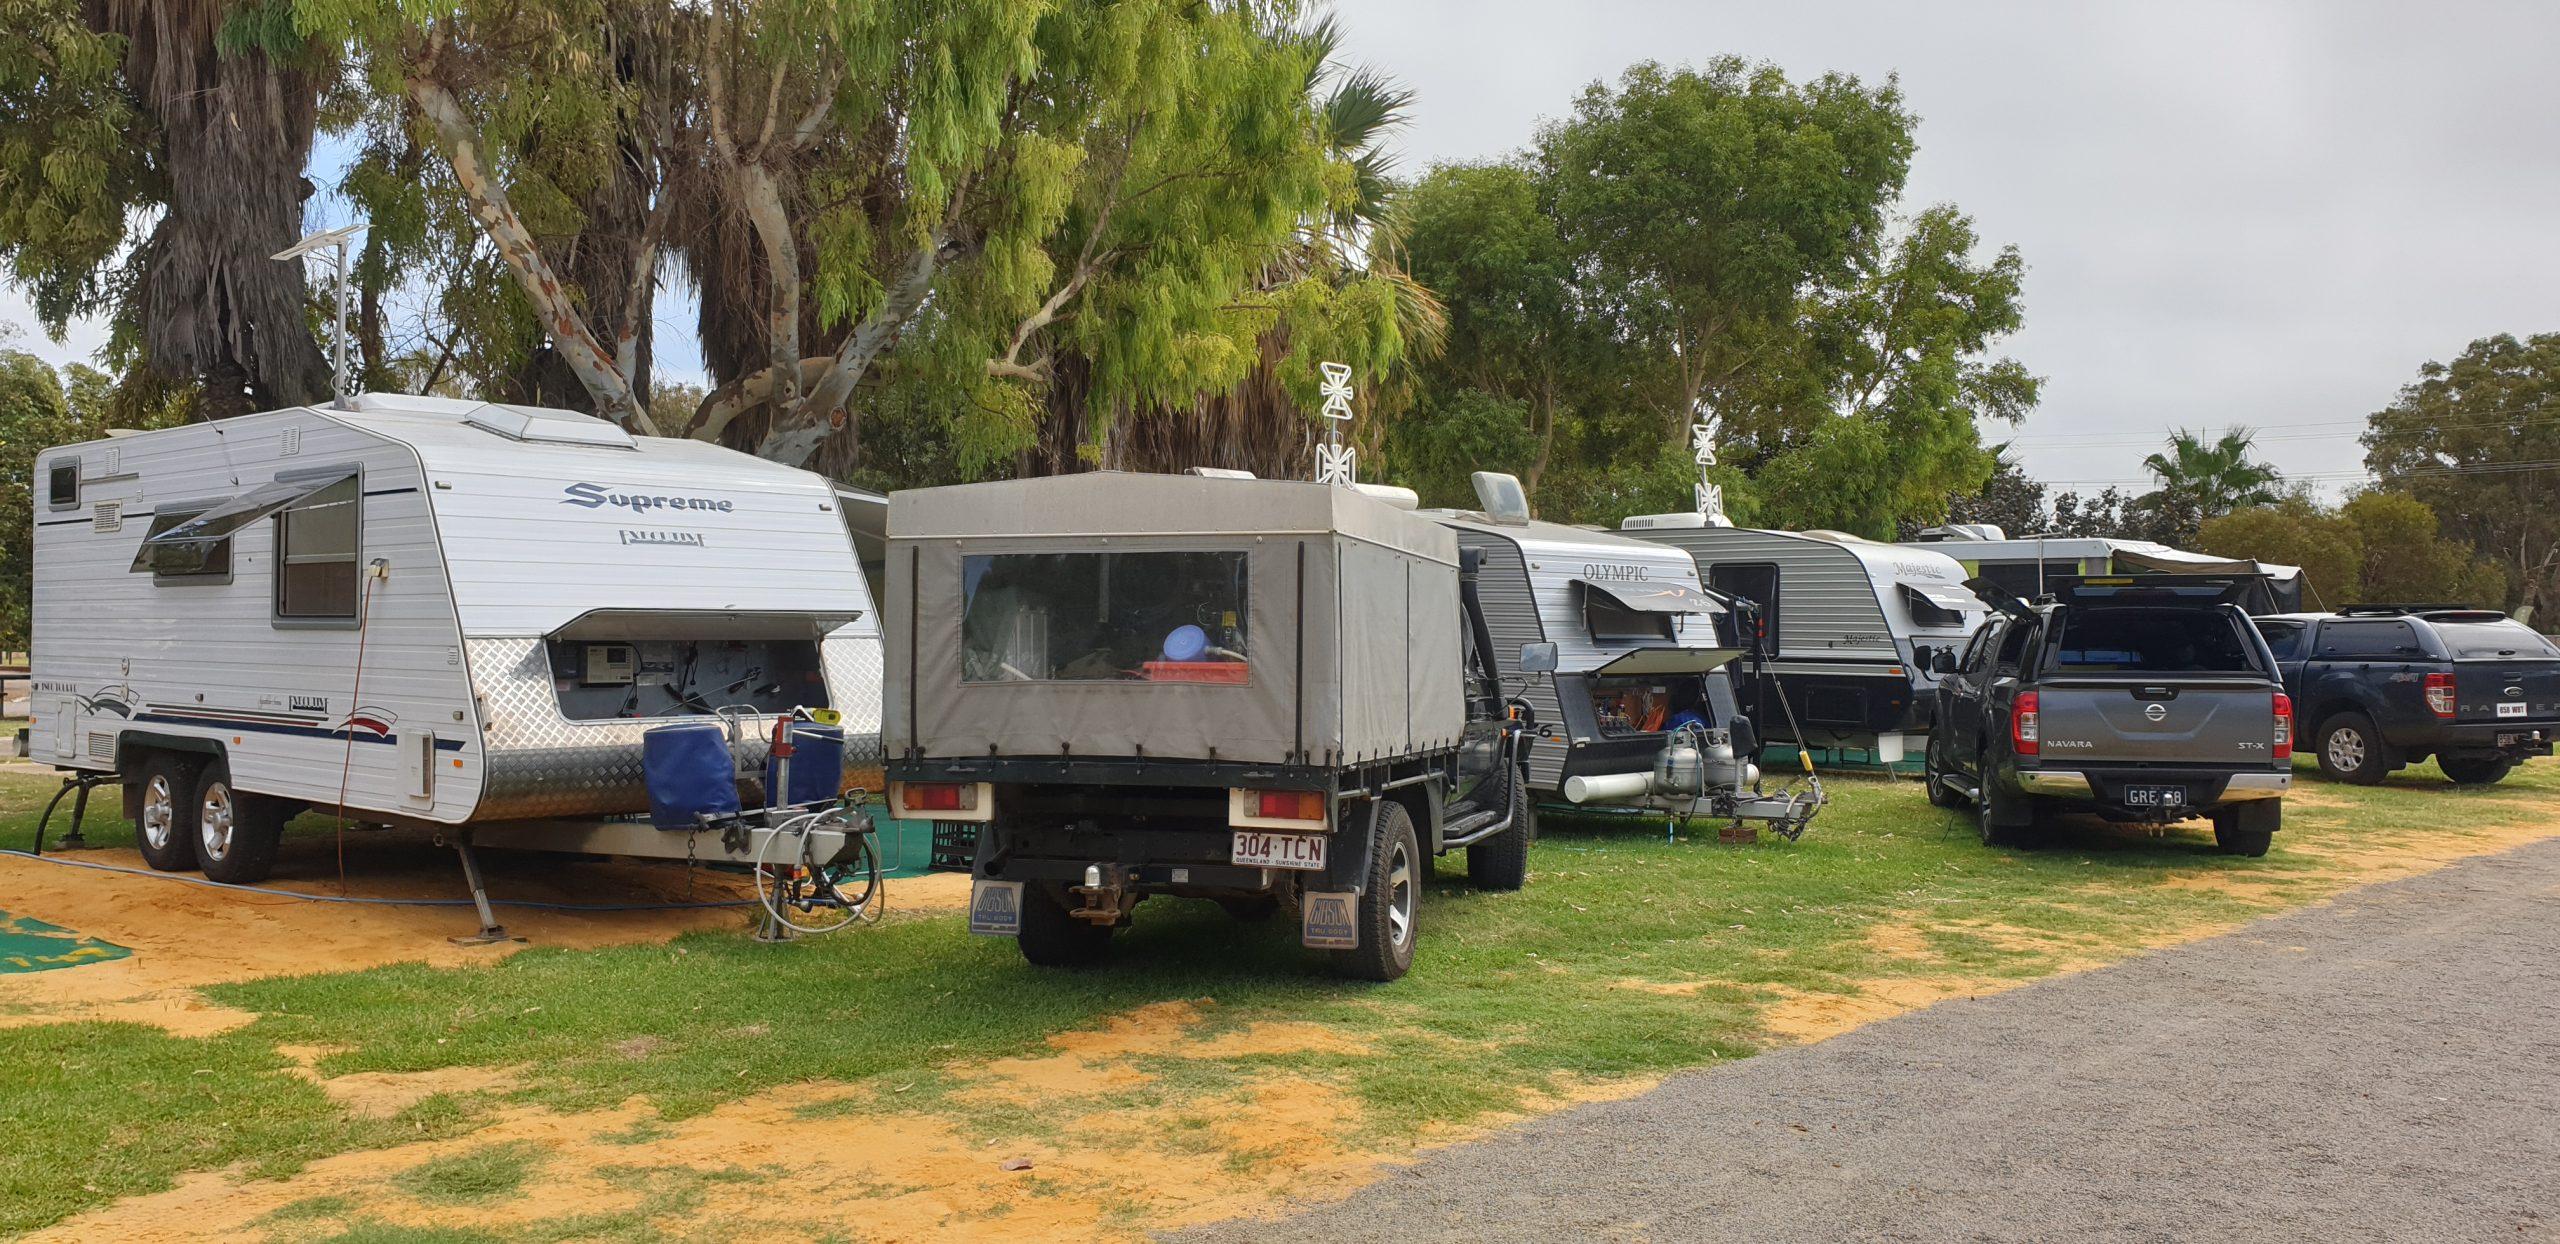 campsite space